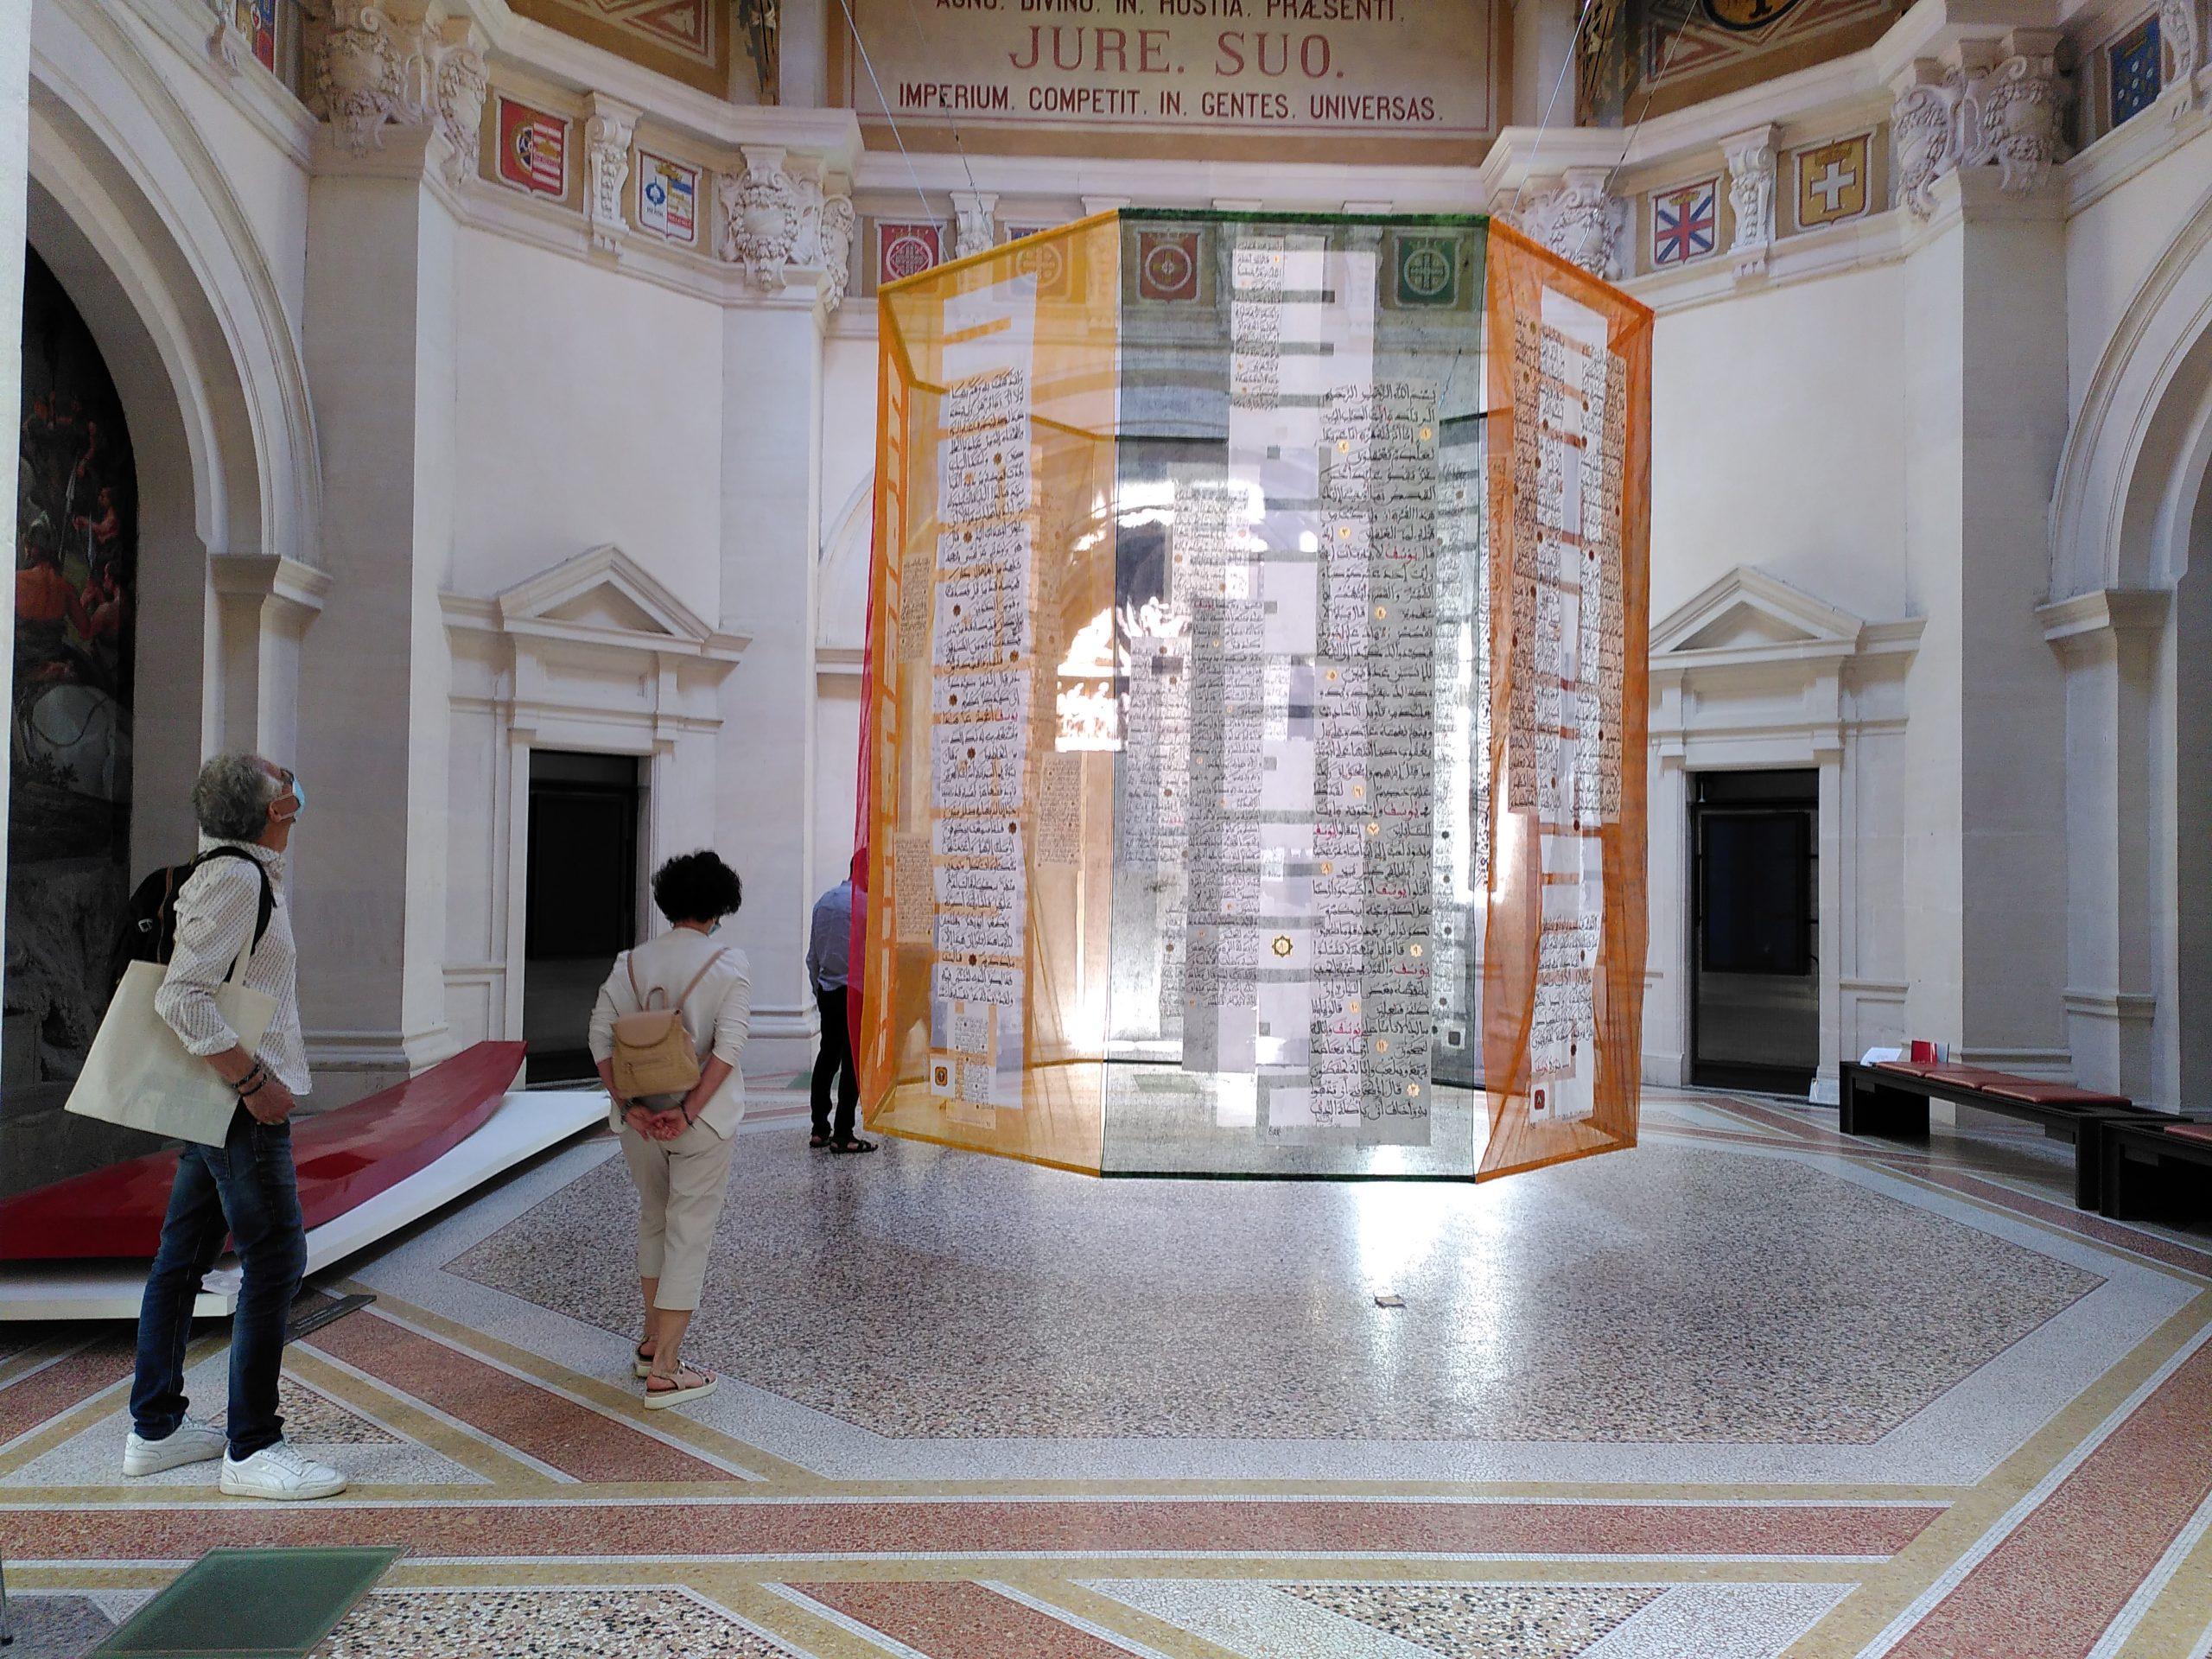 Yusuf, l'autre JosephYusuf, l'autre Joseph, Calligraphie de la sourate 12 sur huit textiles en suspension, formant un octogone créé en 2021 pour le musée du Hiéron, Encres, papiers et feuilles d'or sur tarlatane, 370 x 140 cm